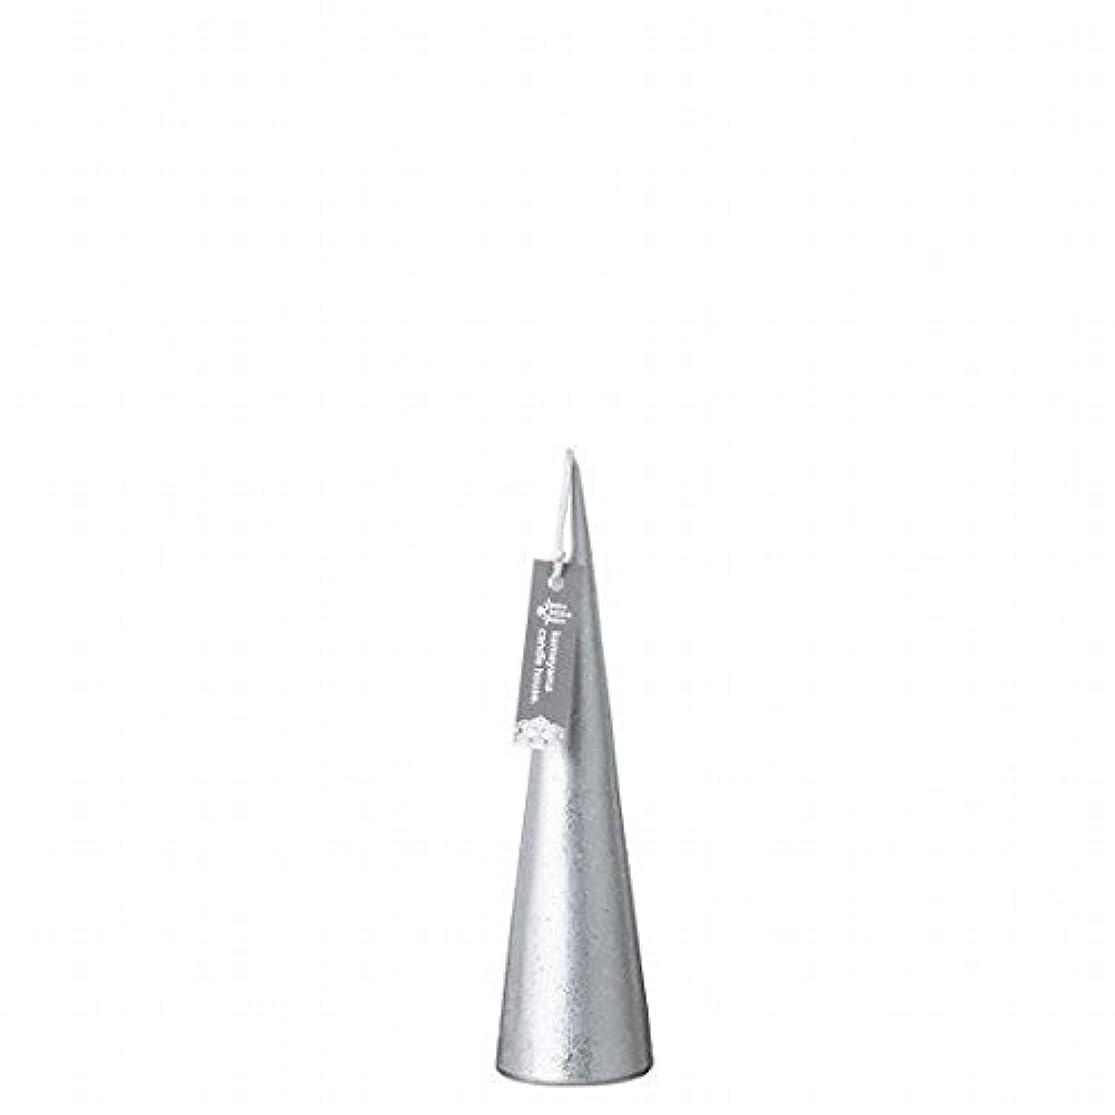 請求可能圧縮された尋ねるカメヤマキャンドル(kameyama candle) メタリックコーンS 「 シルバー 」